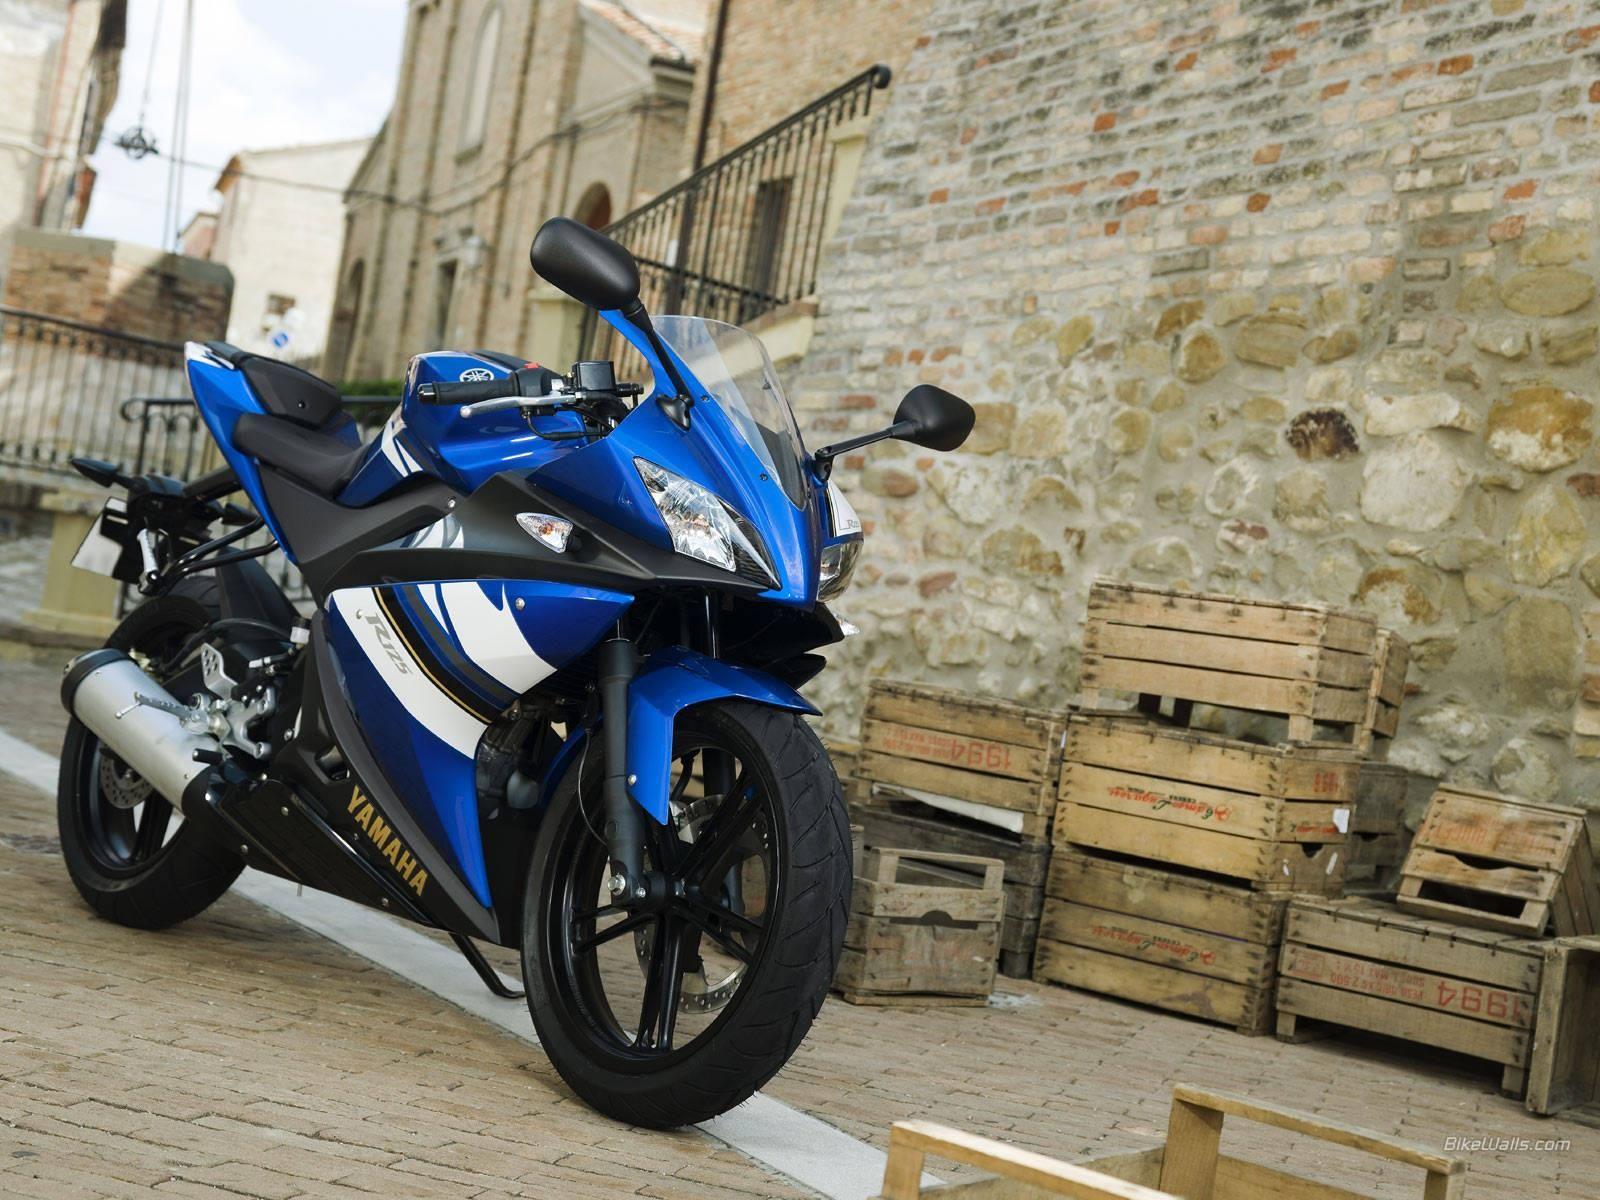 Yamaha yzf r125 usata moto usate 2016 car release date - Yamaha R125